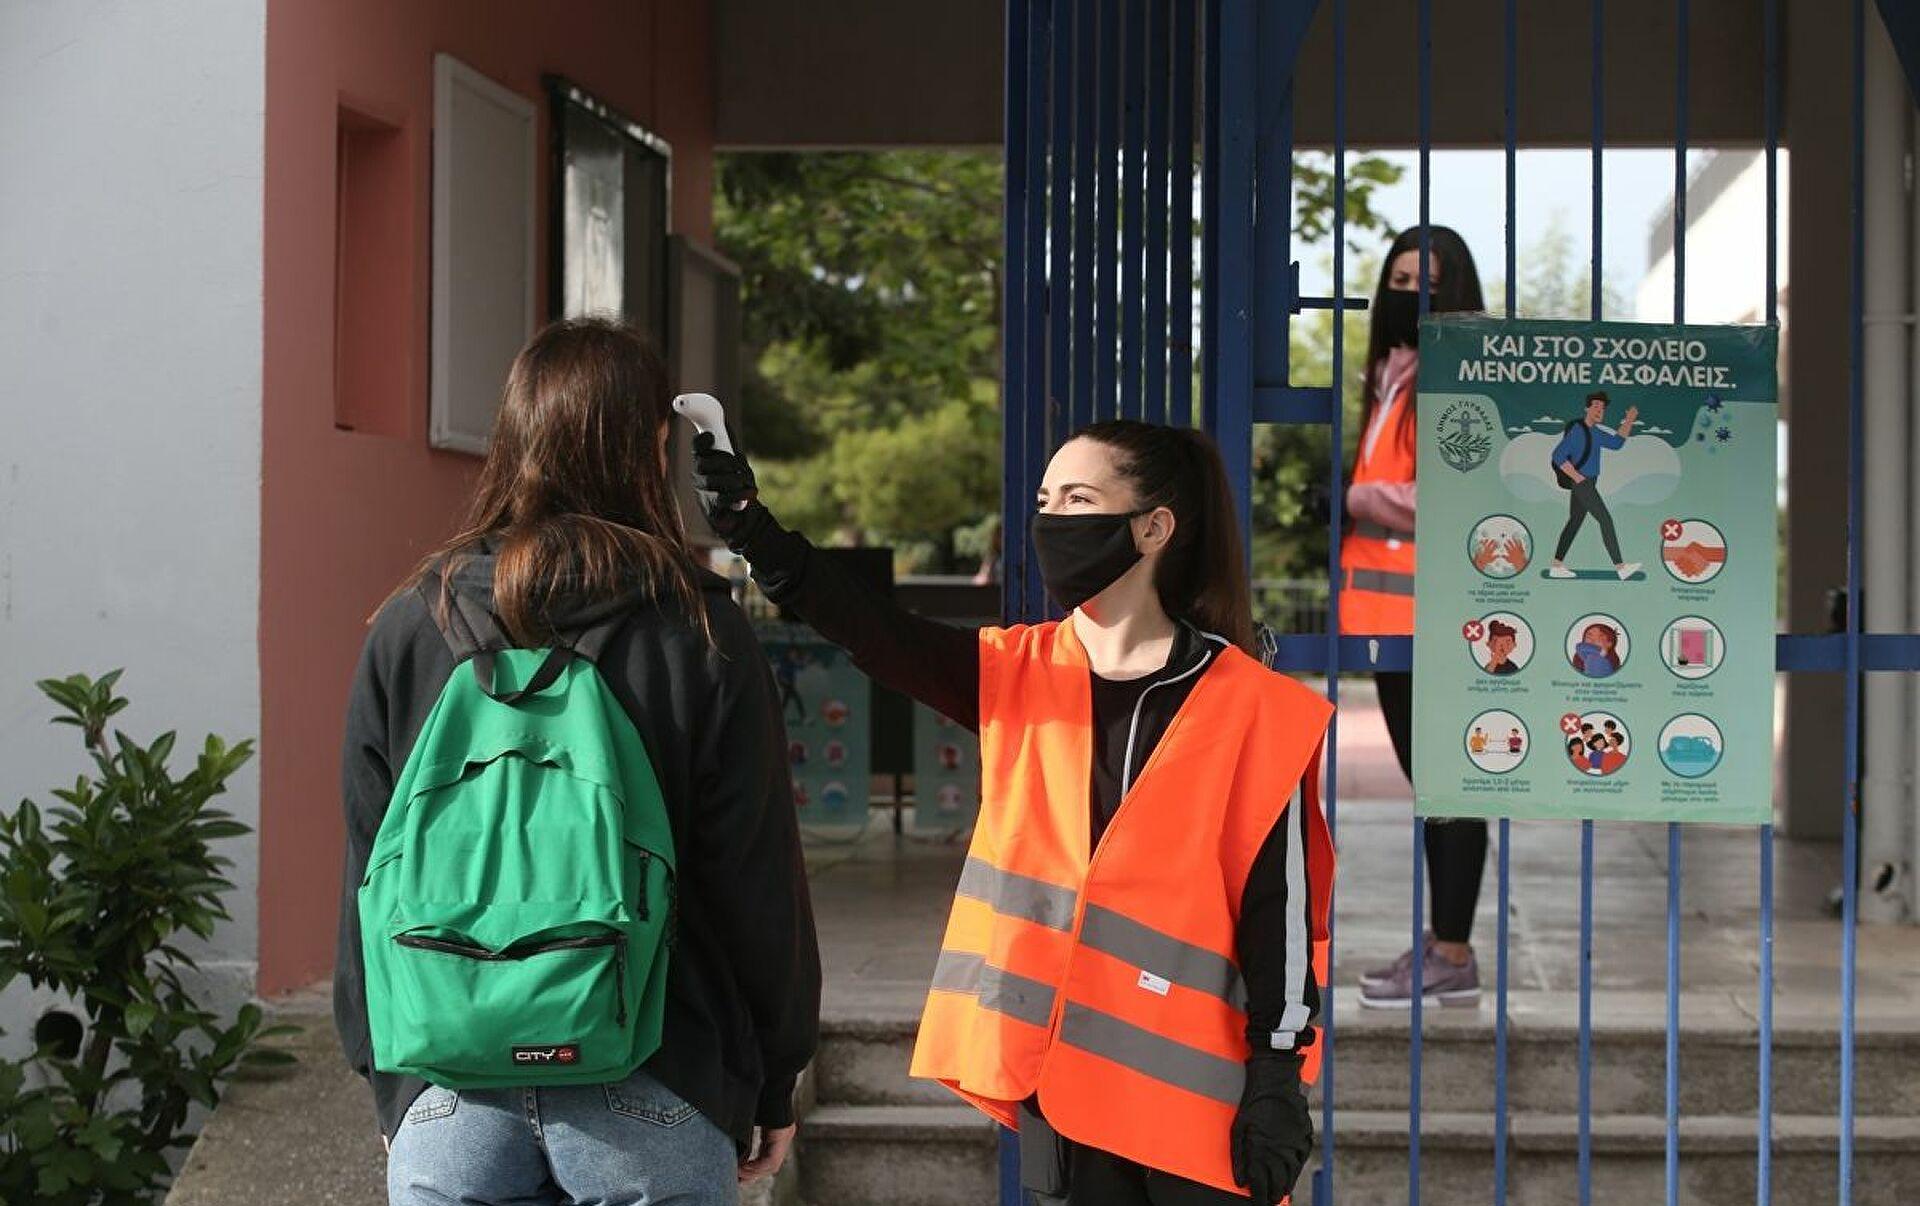 Κεραμέως σχολεία πανεπιστήμια: Πώς θα γίνει η επιστροφή στις τάξεις για δημοτικά – γυμνάσια